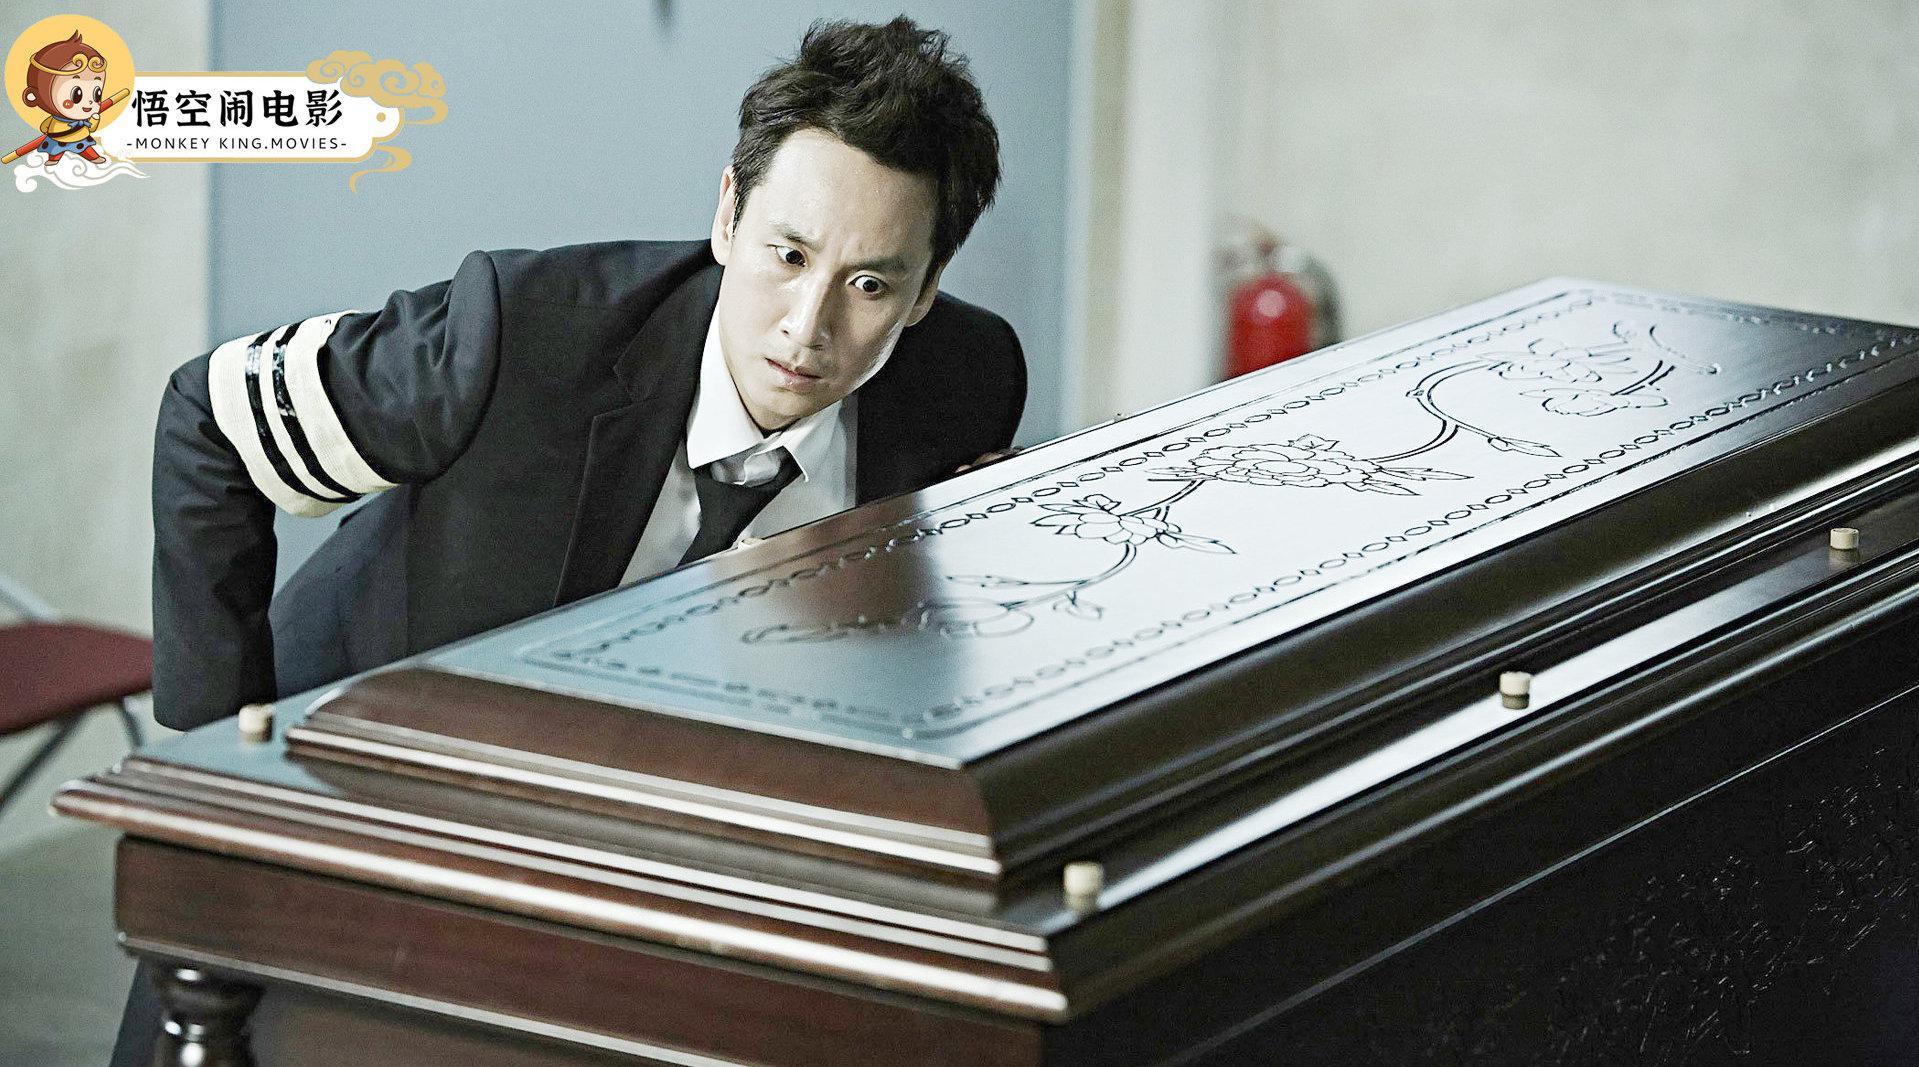 韩国最惊险的犯罪片,警察撞人后将尸体藏入母亲棺材……